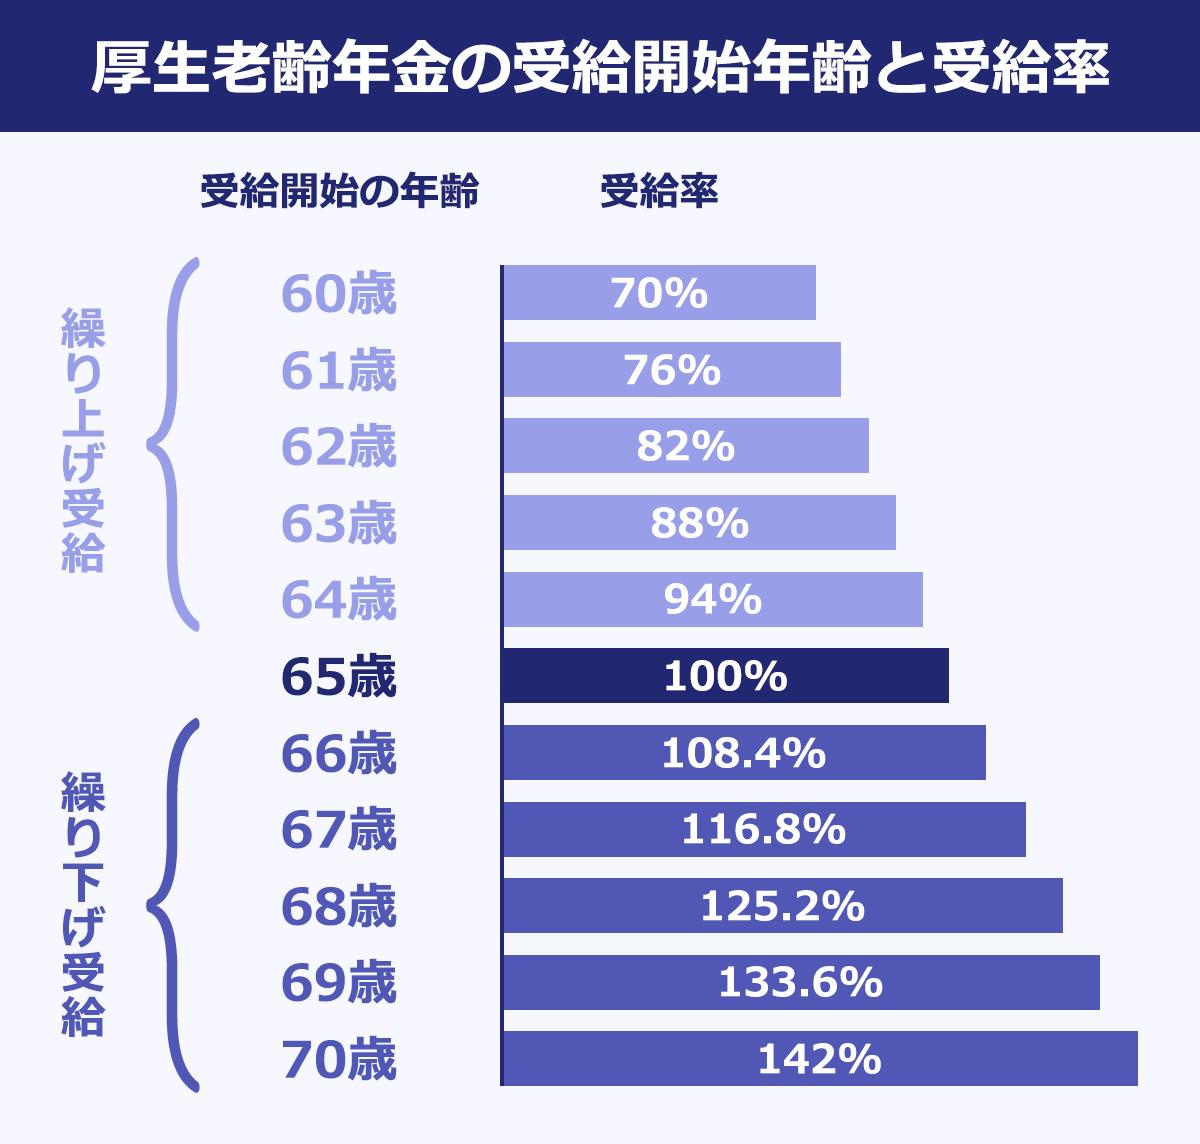 【厚生老齢年金の受給開始年齢と受給率】(受給開始の年齢/受給率): 60歳/70% |61歳/76% |62歳/82% |63歳/88% |64歳/94% |65歳/100% |66歳/108.4% |67歳/116.8% |68歳/125.2% |69歳/133.6% |70歳/142% |※60~64歳:繰り下げ受給/66~70歳繰り上げ受給